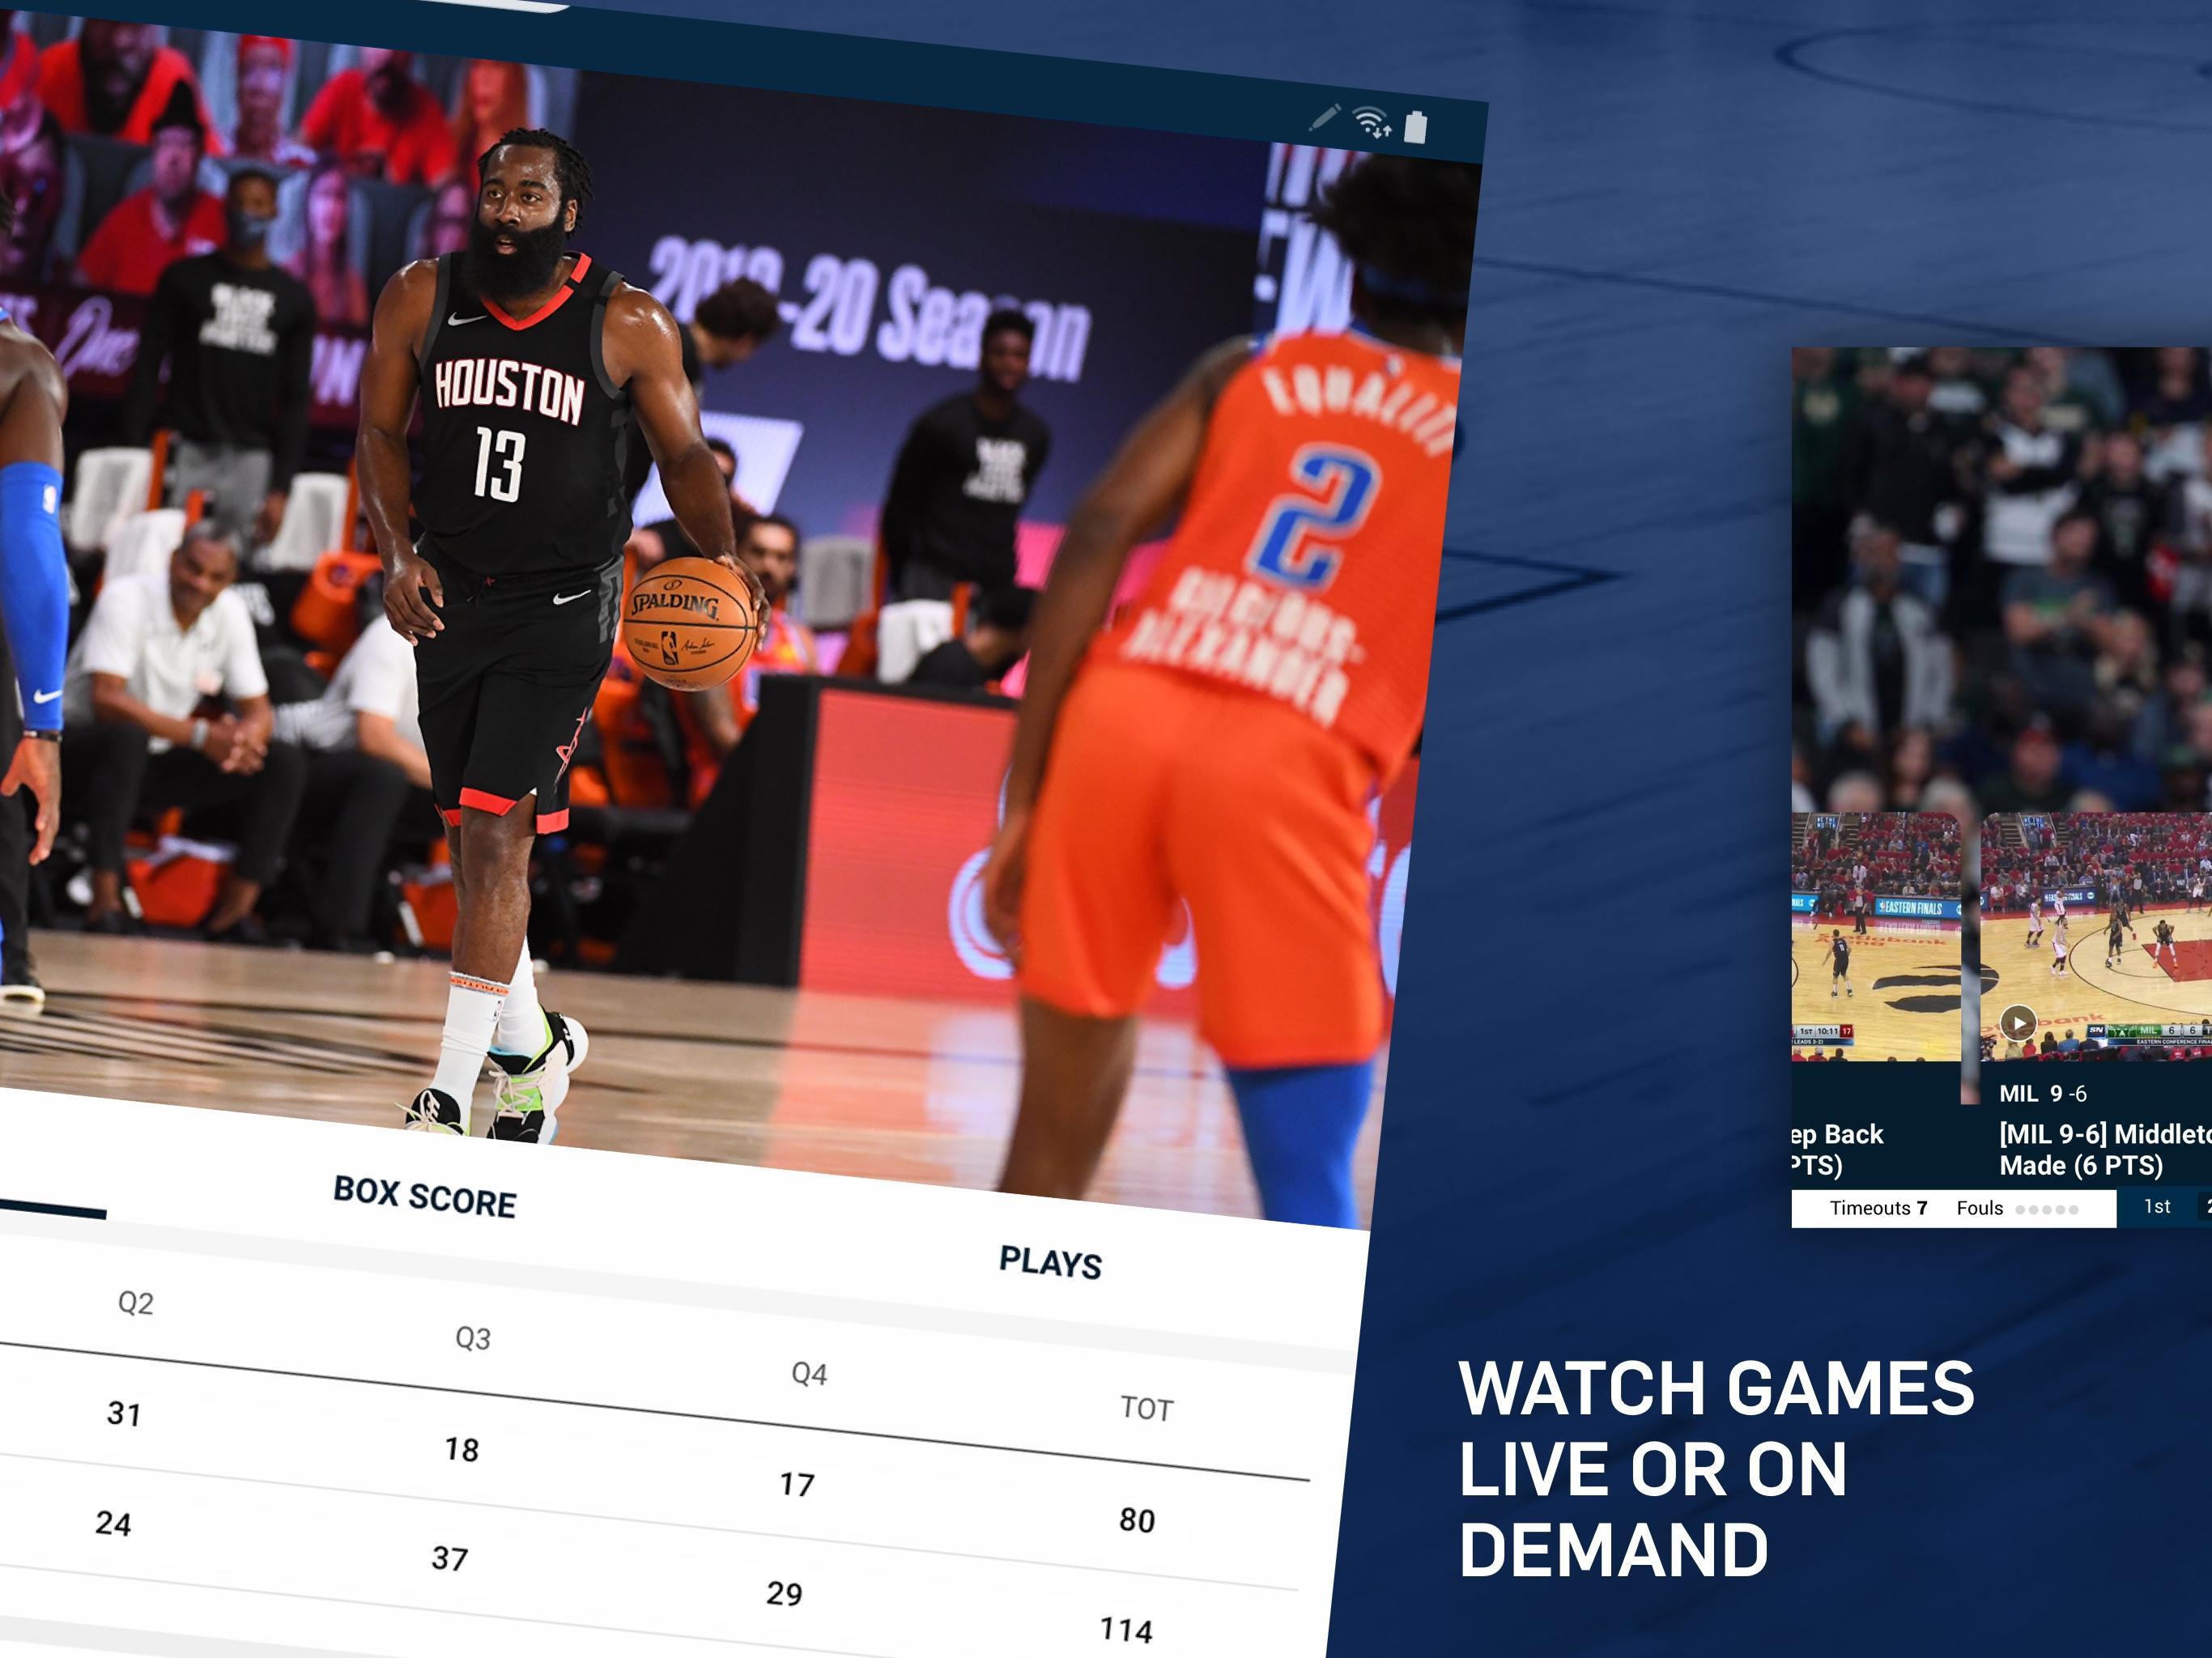 NBA Live Games & Scores 9.1018 Screenshot 8